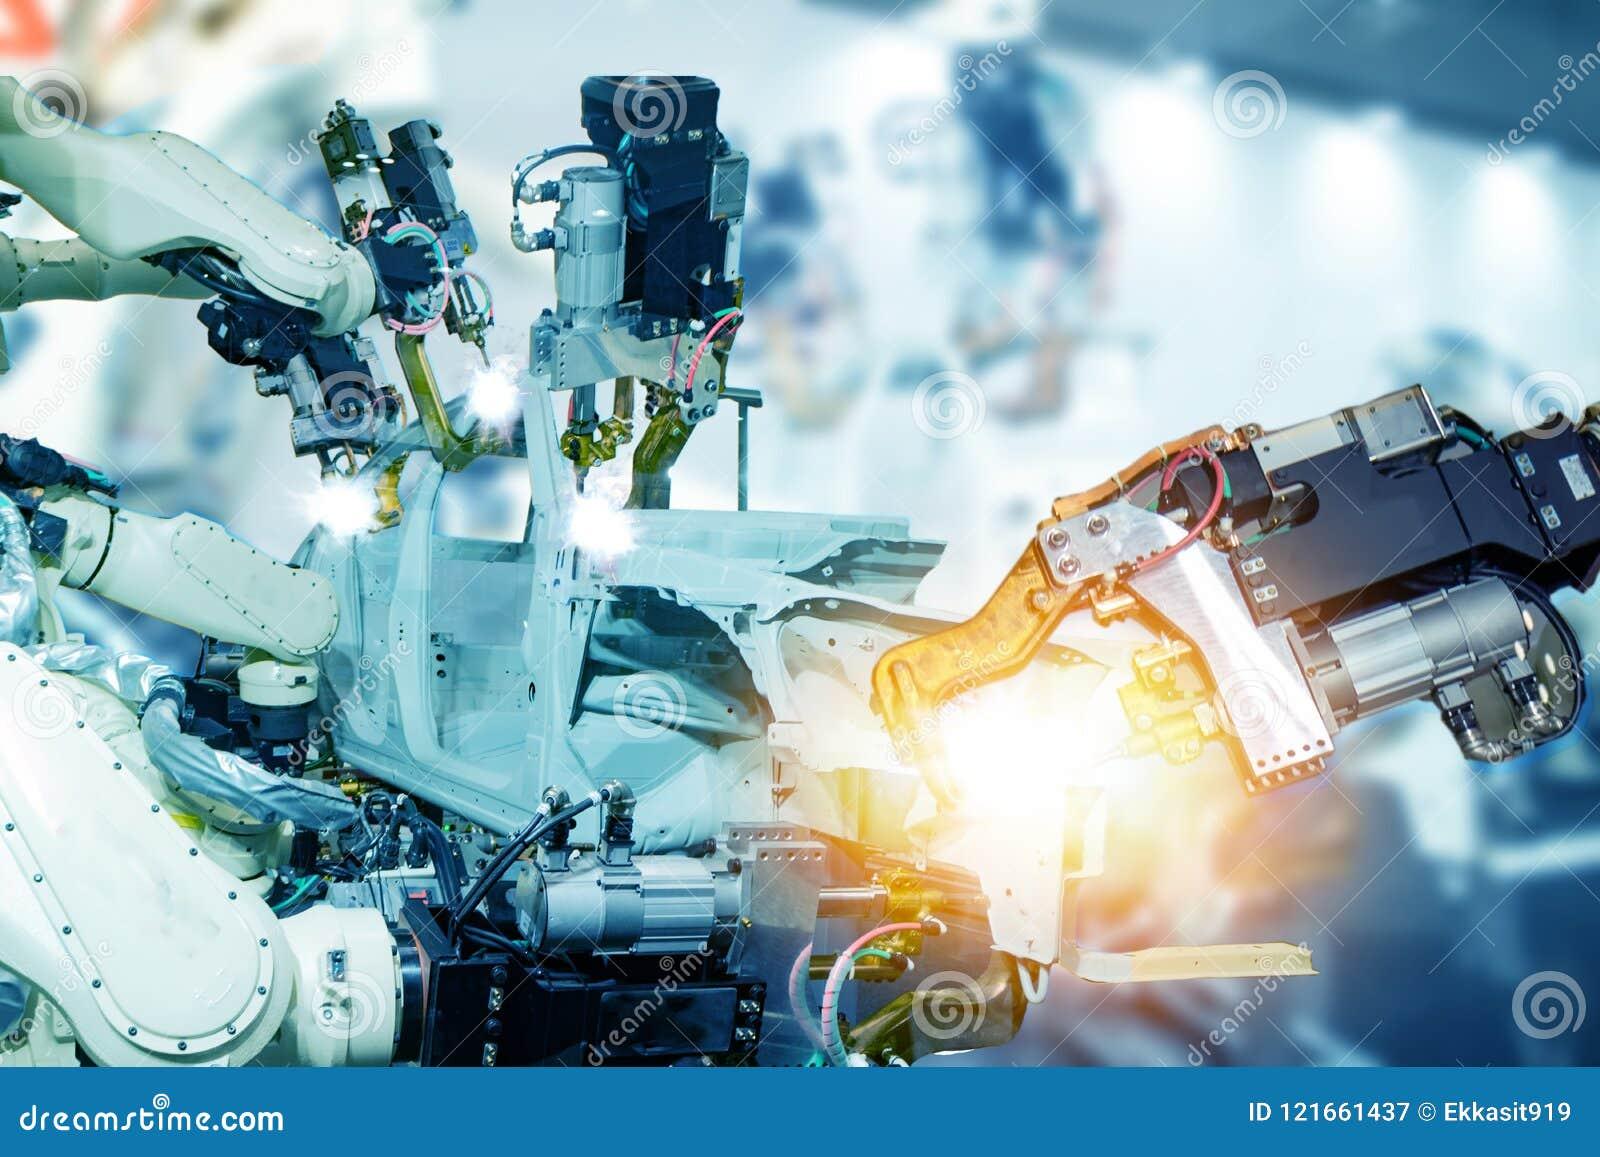 Fabbrica astuta di Iot, industria 4 0 concetti di tecnologia, braccio del robot nel fondo della fabbrica di automazione con luce